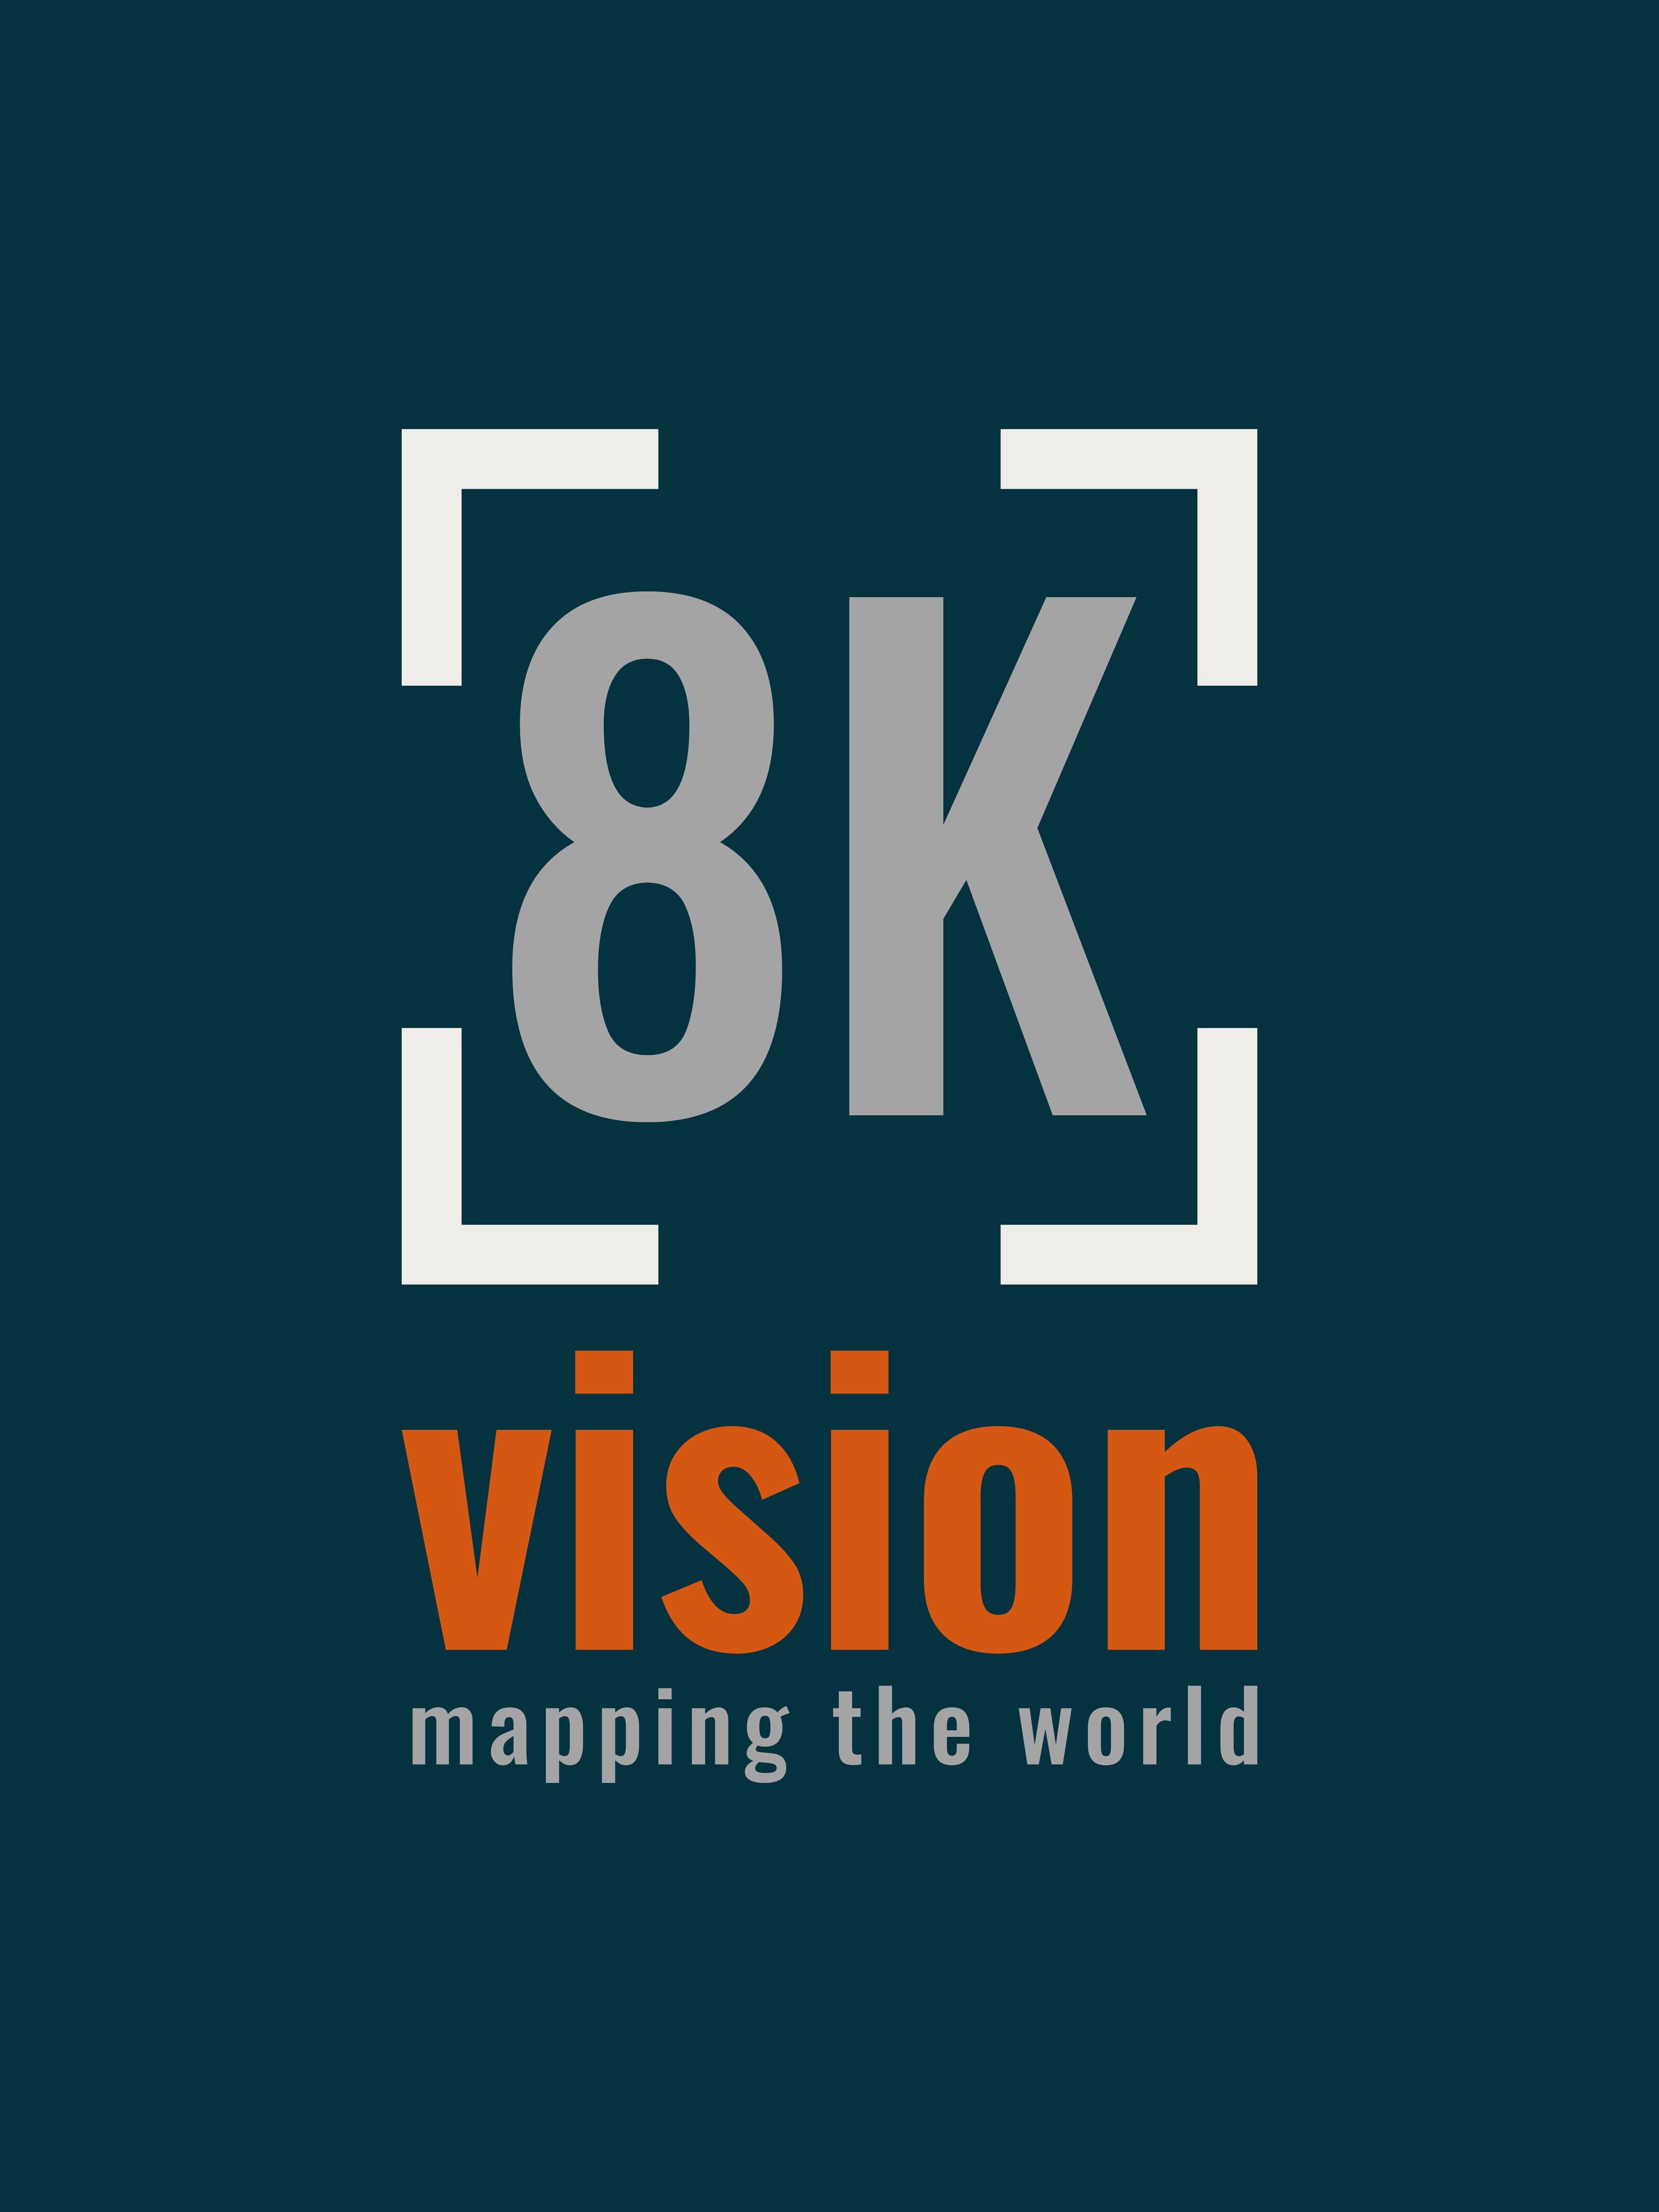 8k-vision.com